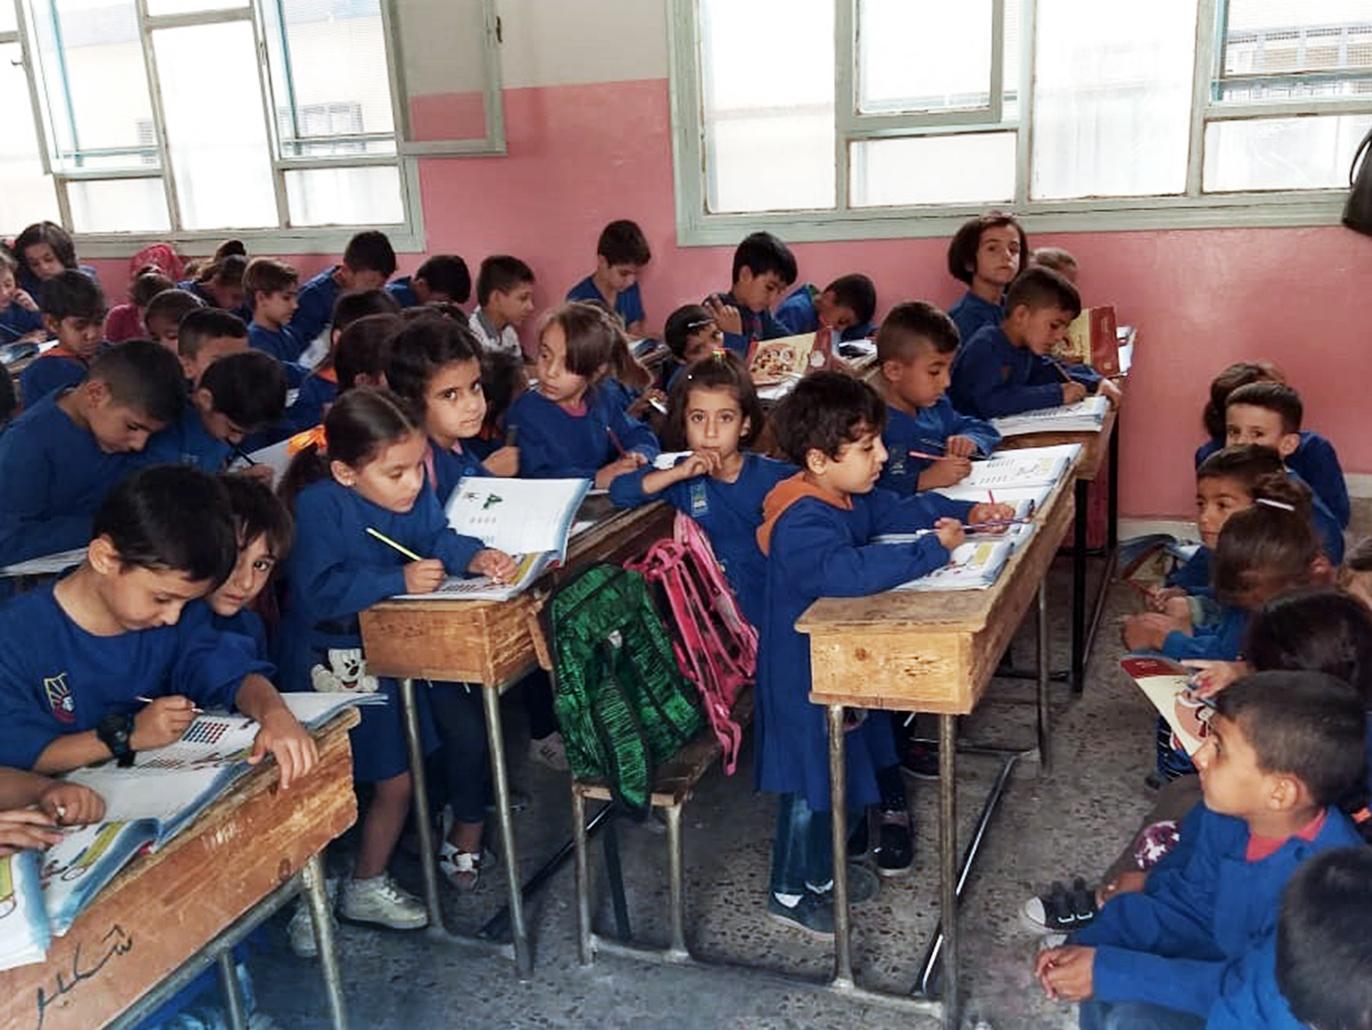 النظام يغلق 7 شعب صفية في مدارس اللاذقية بسبب كورونا